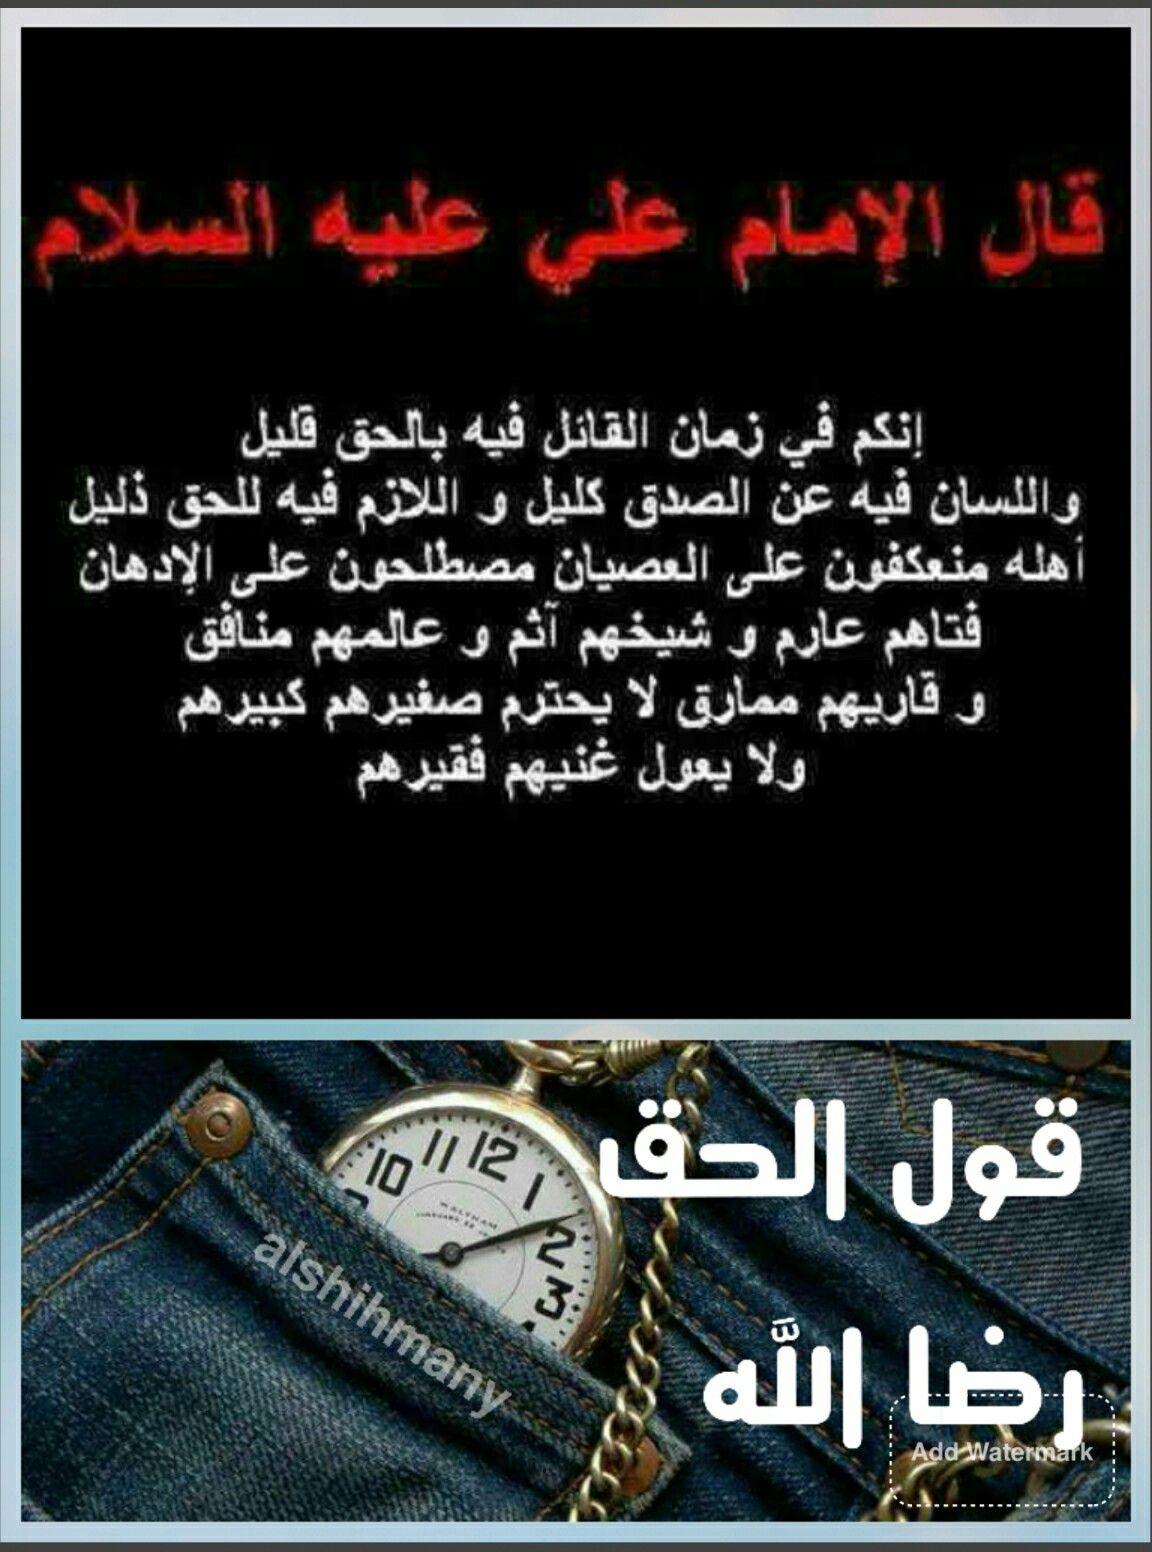 فعلا سبحان الله علي الوصف اللازم للحق Islamic Quotes Wallpaper Islamic Quotes Wallpaper Quotes